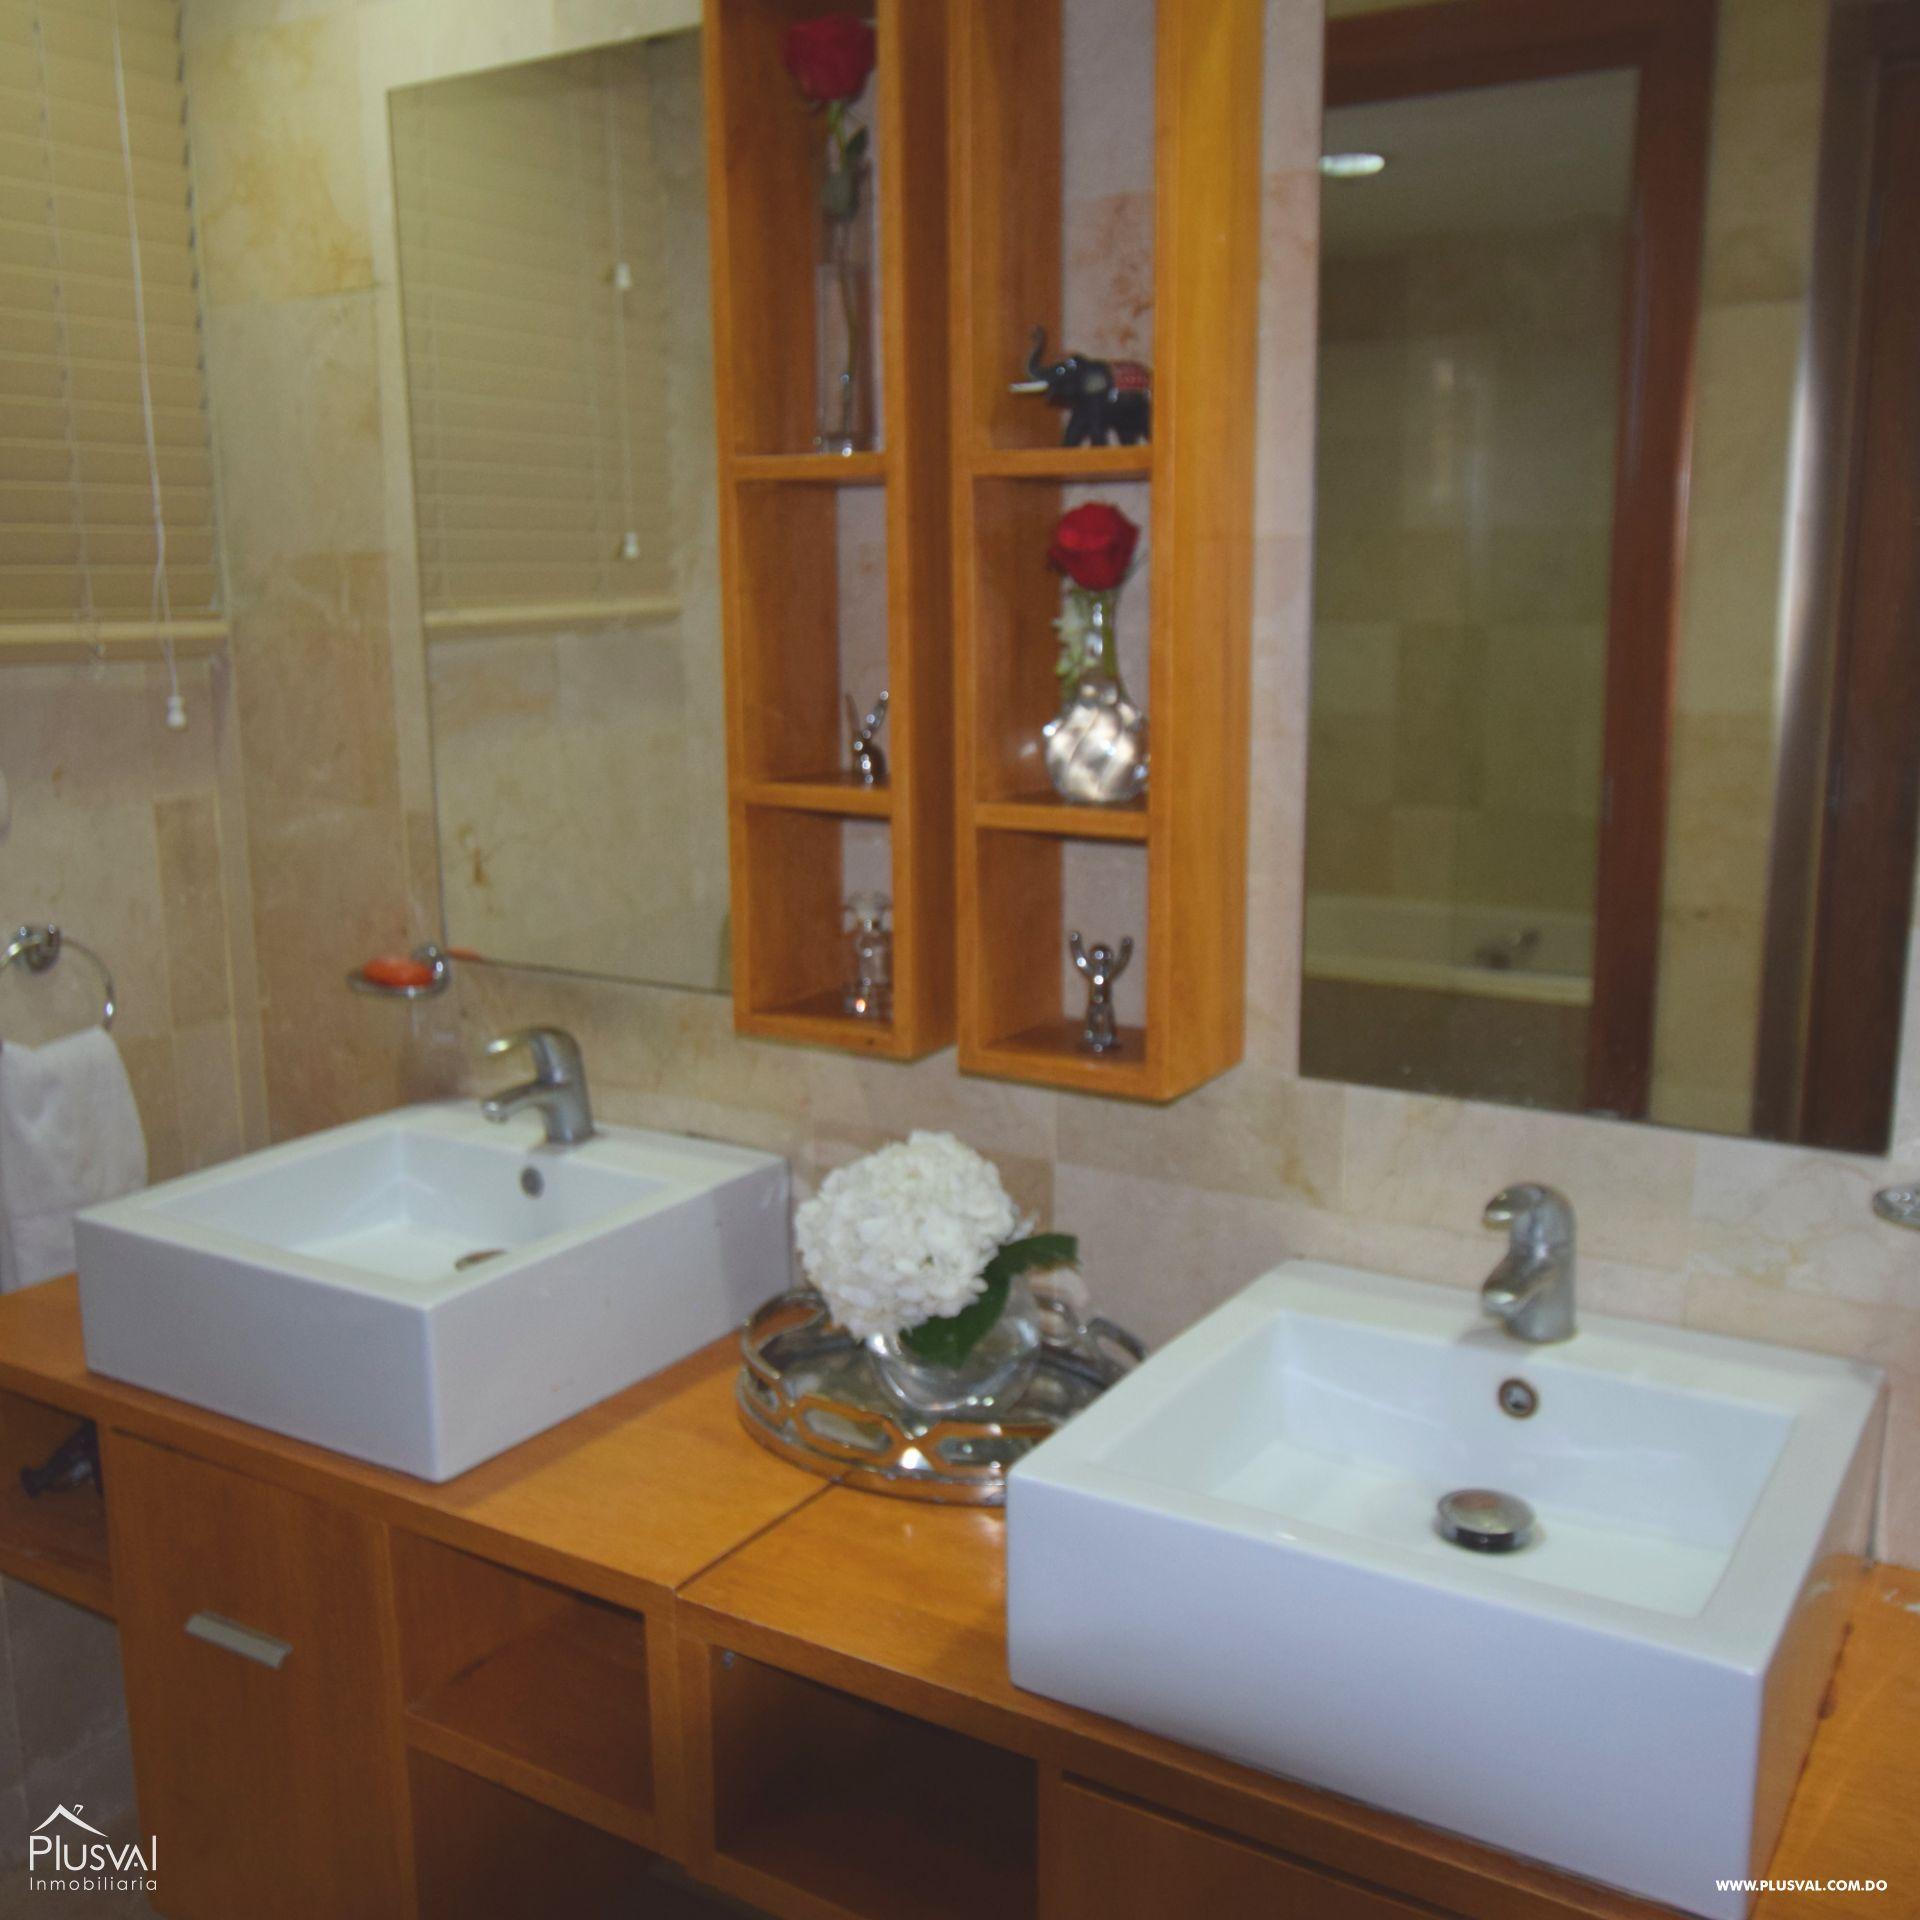 Apartamento en venta en el corazon de Piantini 168010